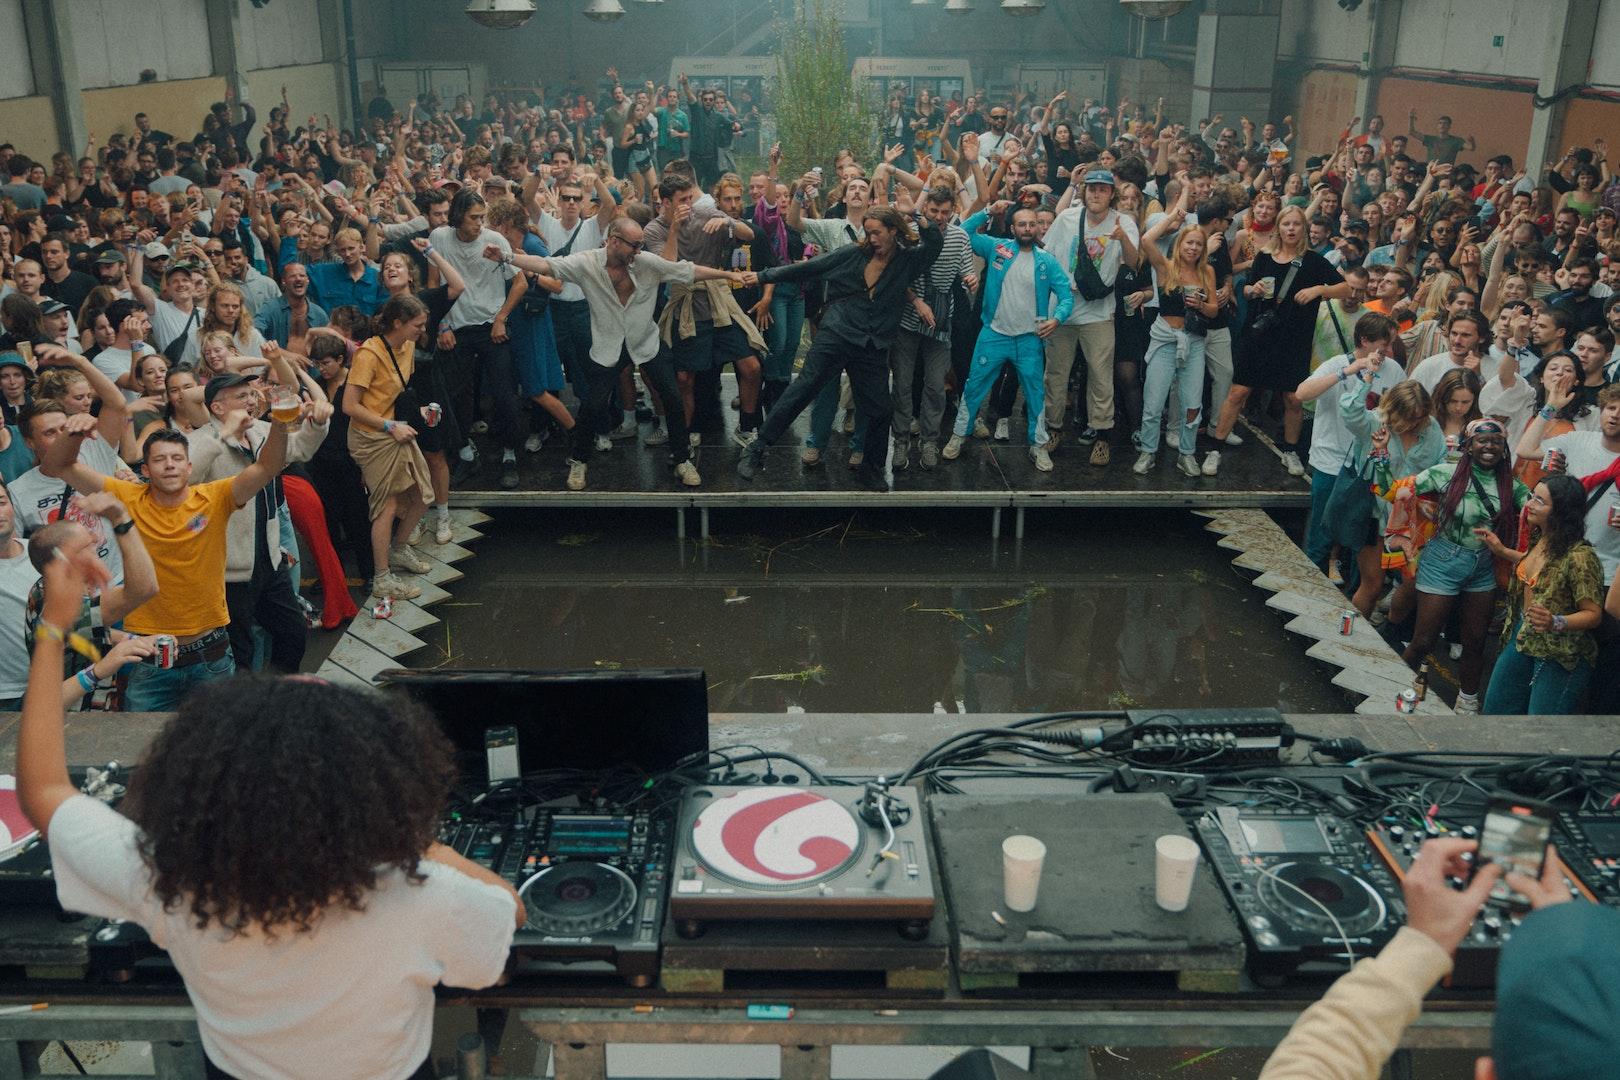 Bibi Seck aan de decks in de Rain Room op de tweede dag van Horst Festival 2021